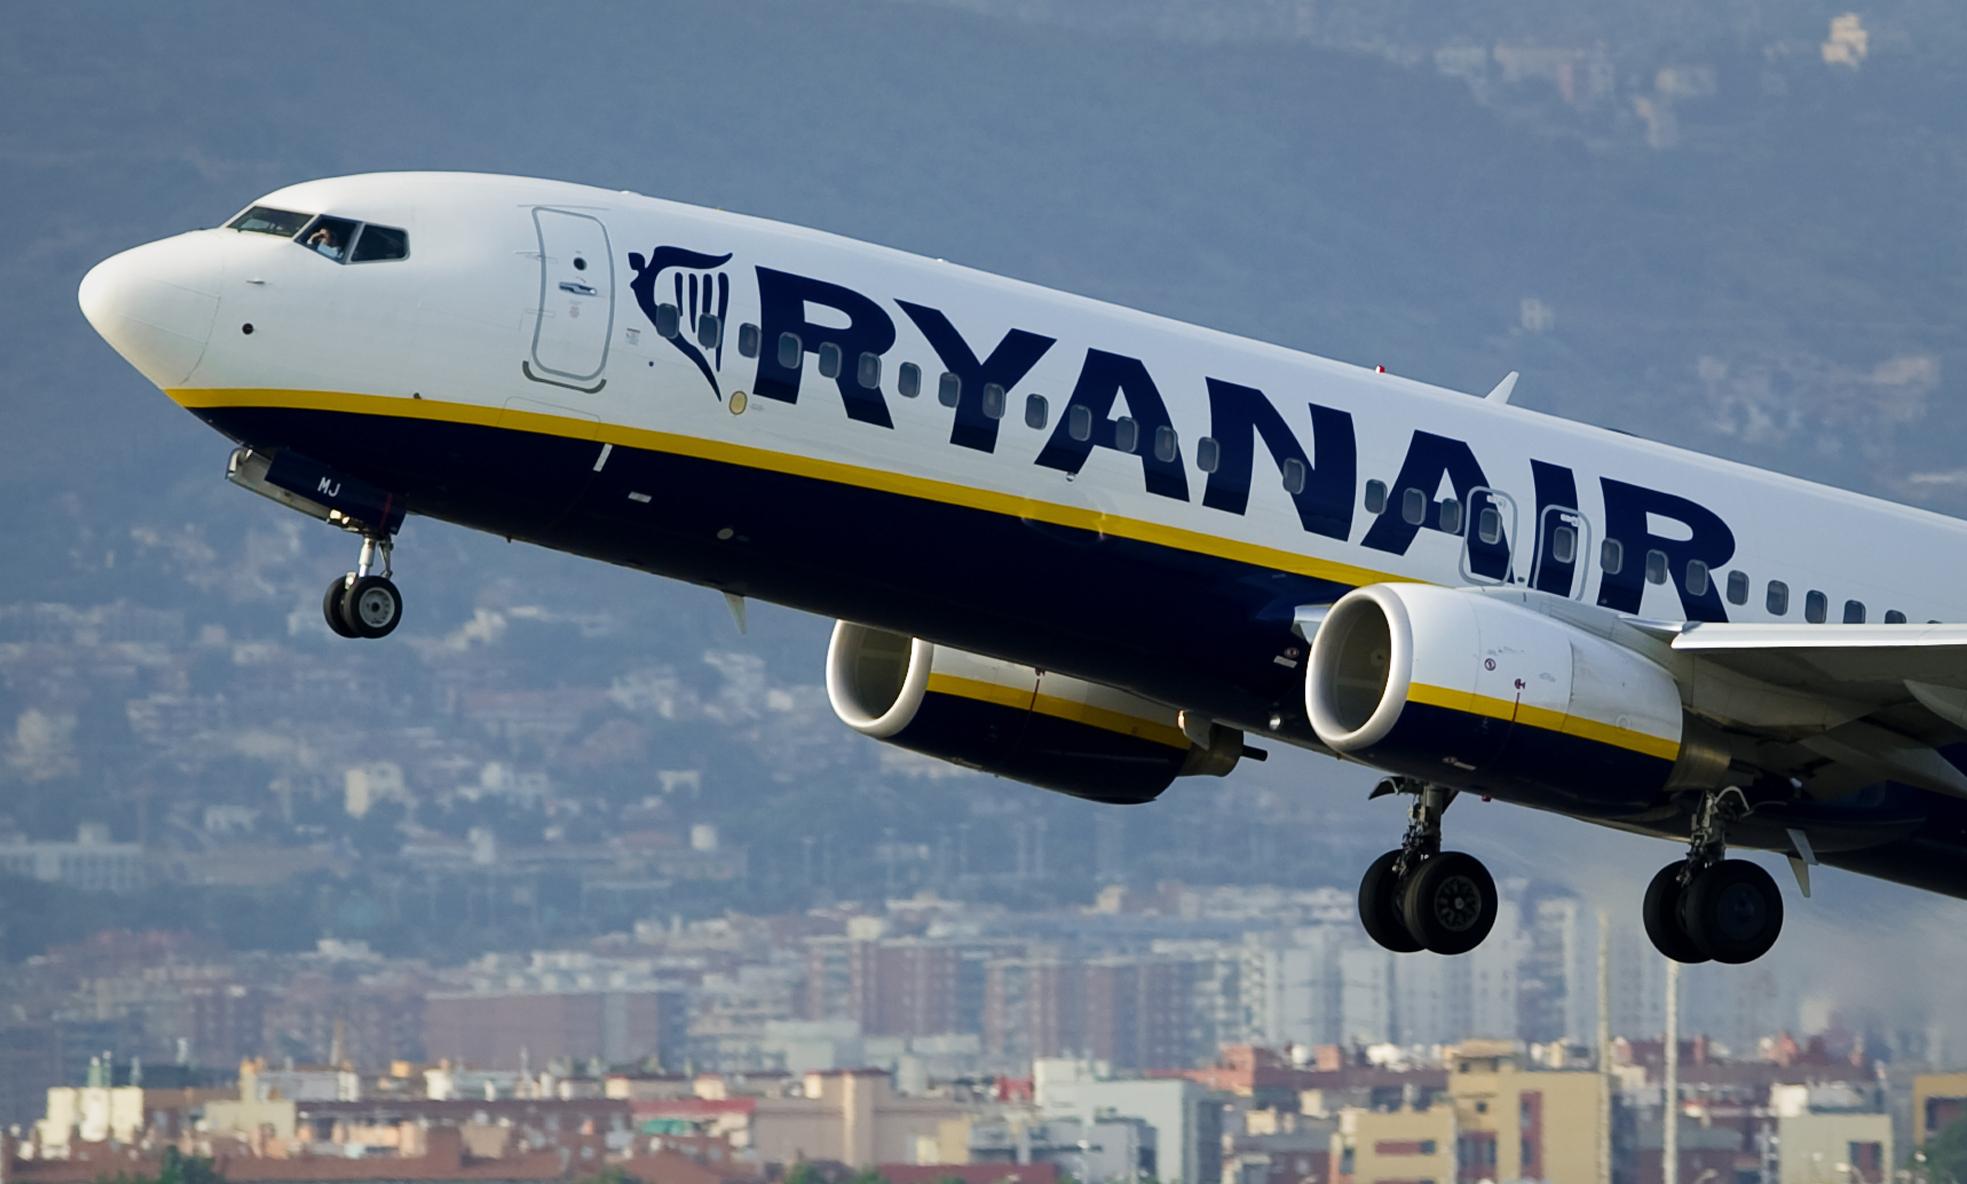 В «Борисполе» заявили, что Ryanair может создать коллапс ваэропорту